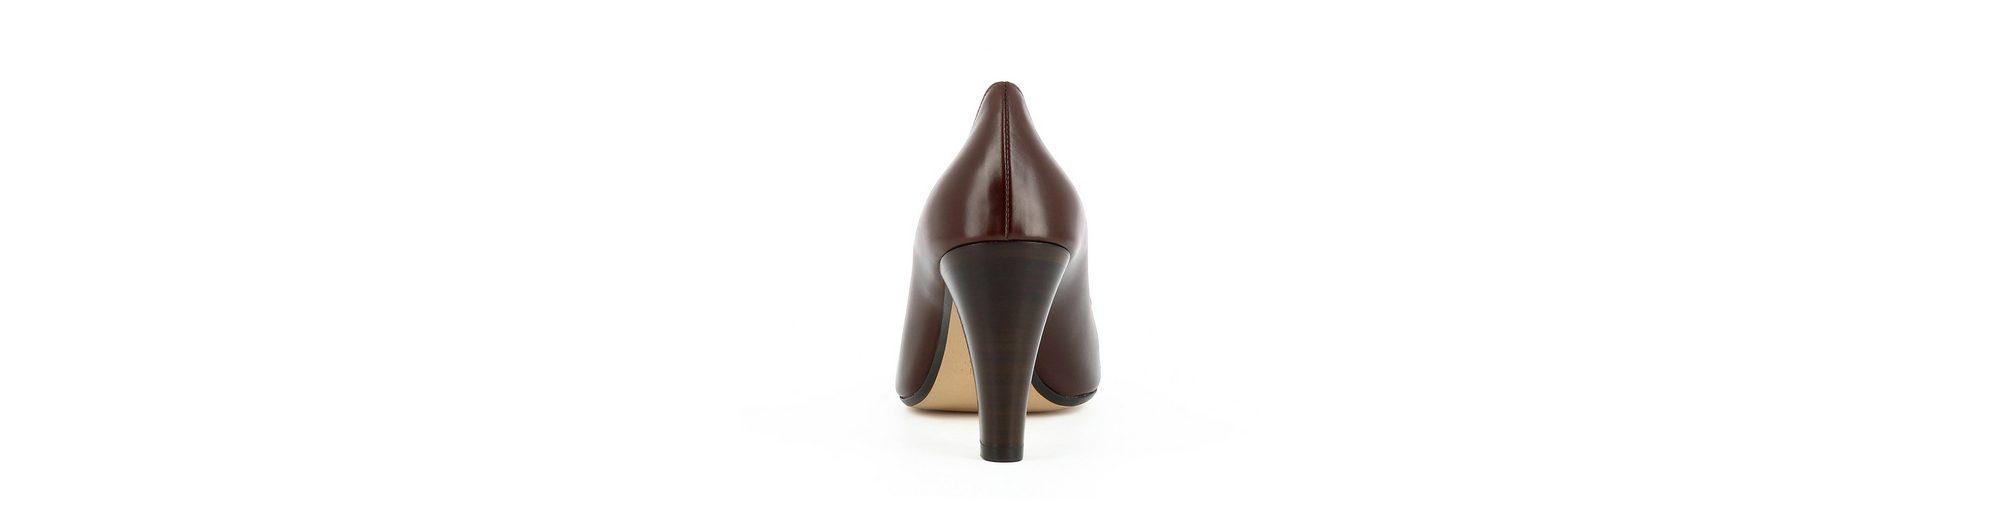 Verschleißfestigkeit Evita MARIA Pumps Sehr Billig Zu Verkaufen Auslass Gut Verkaufen Verkauf Aus Deutschland 8894g95h55